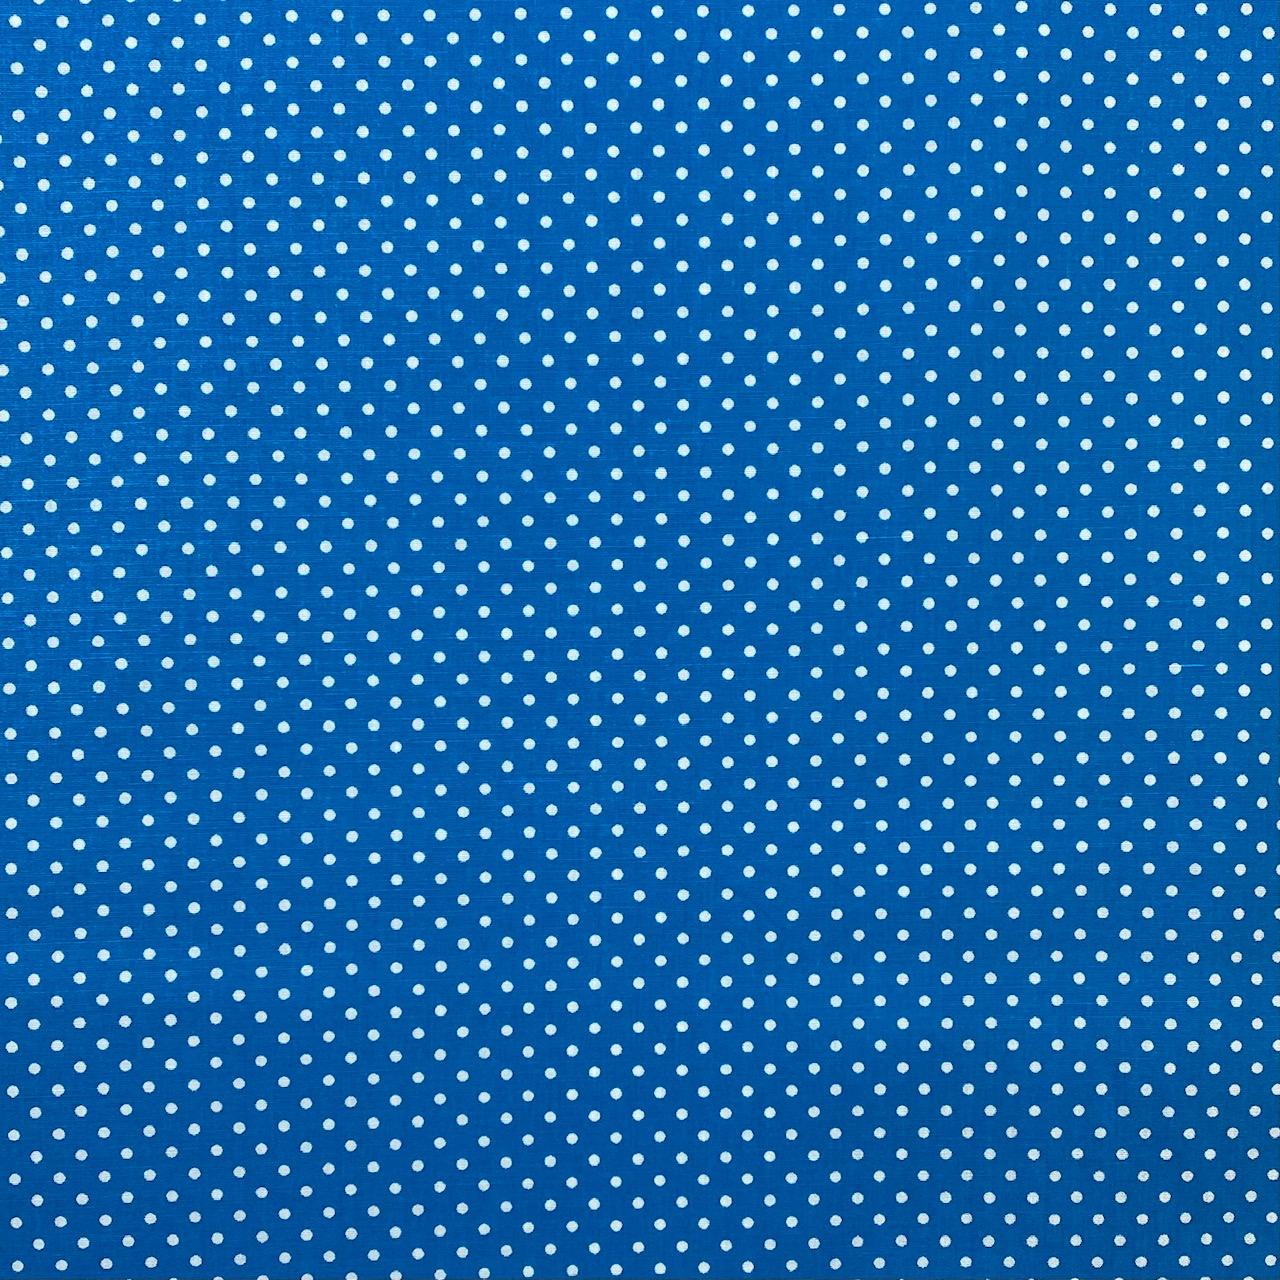 Baumwollpopeline, Punkte, türkis. Art. SW11369